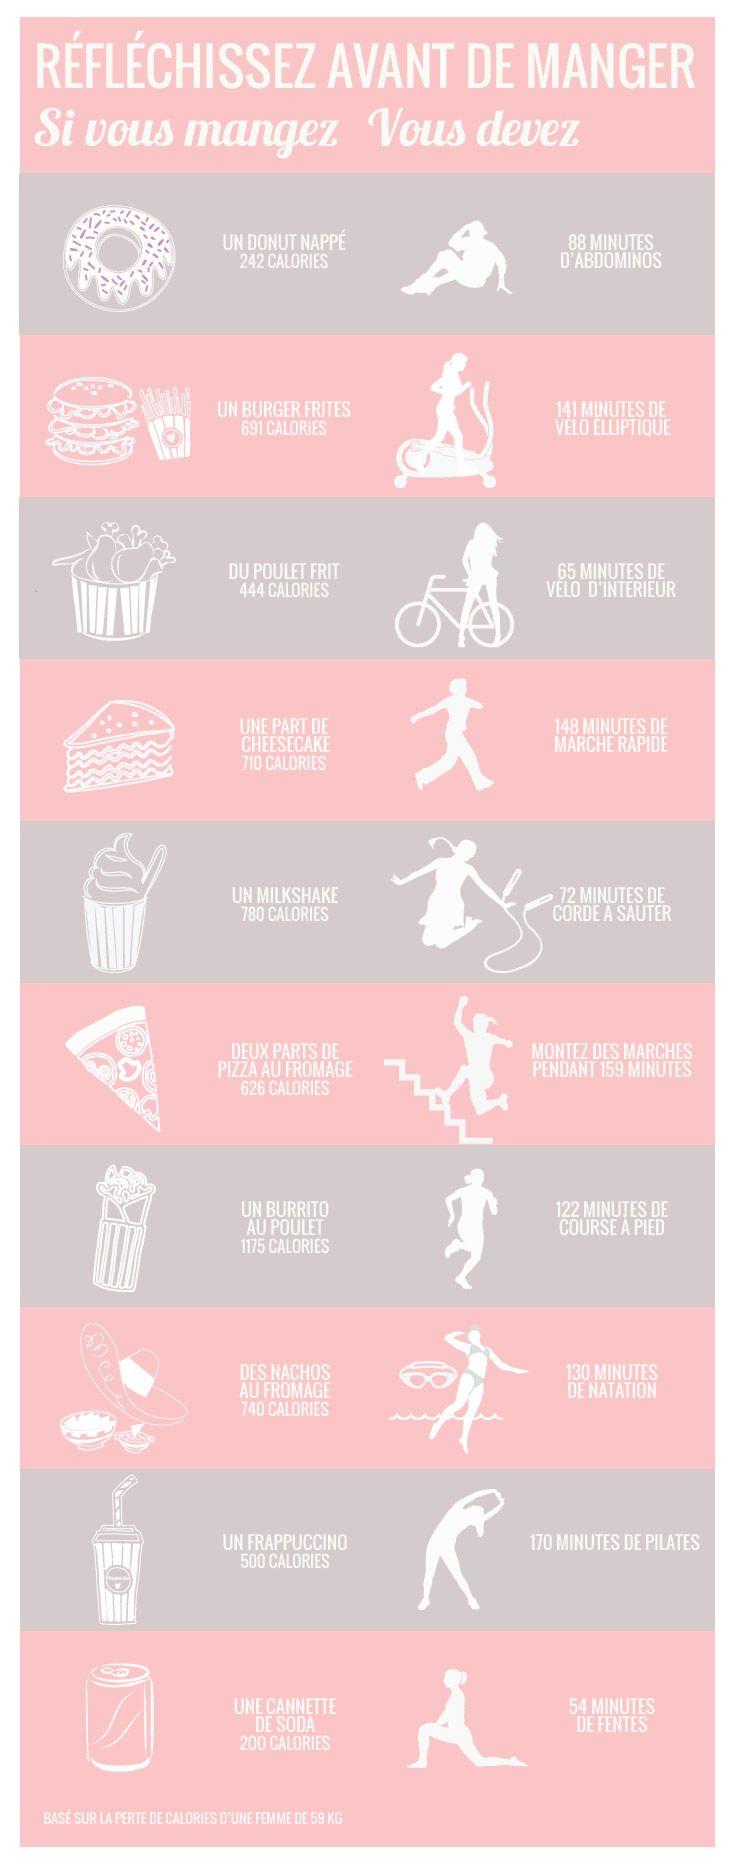 Les équivalences entre les calories de nos snacks préférés et la dose de sport pour les éliminer ! - Confidentielles